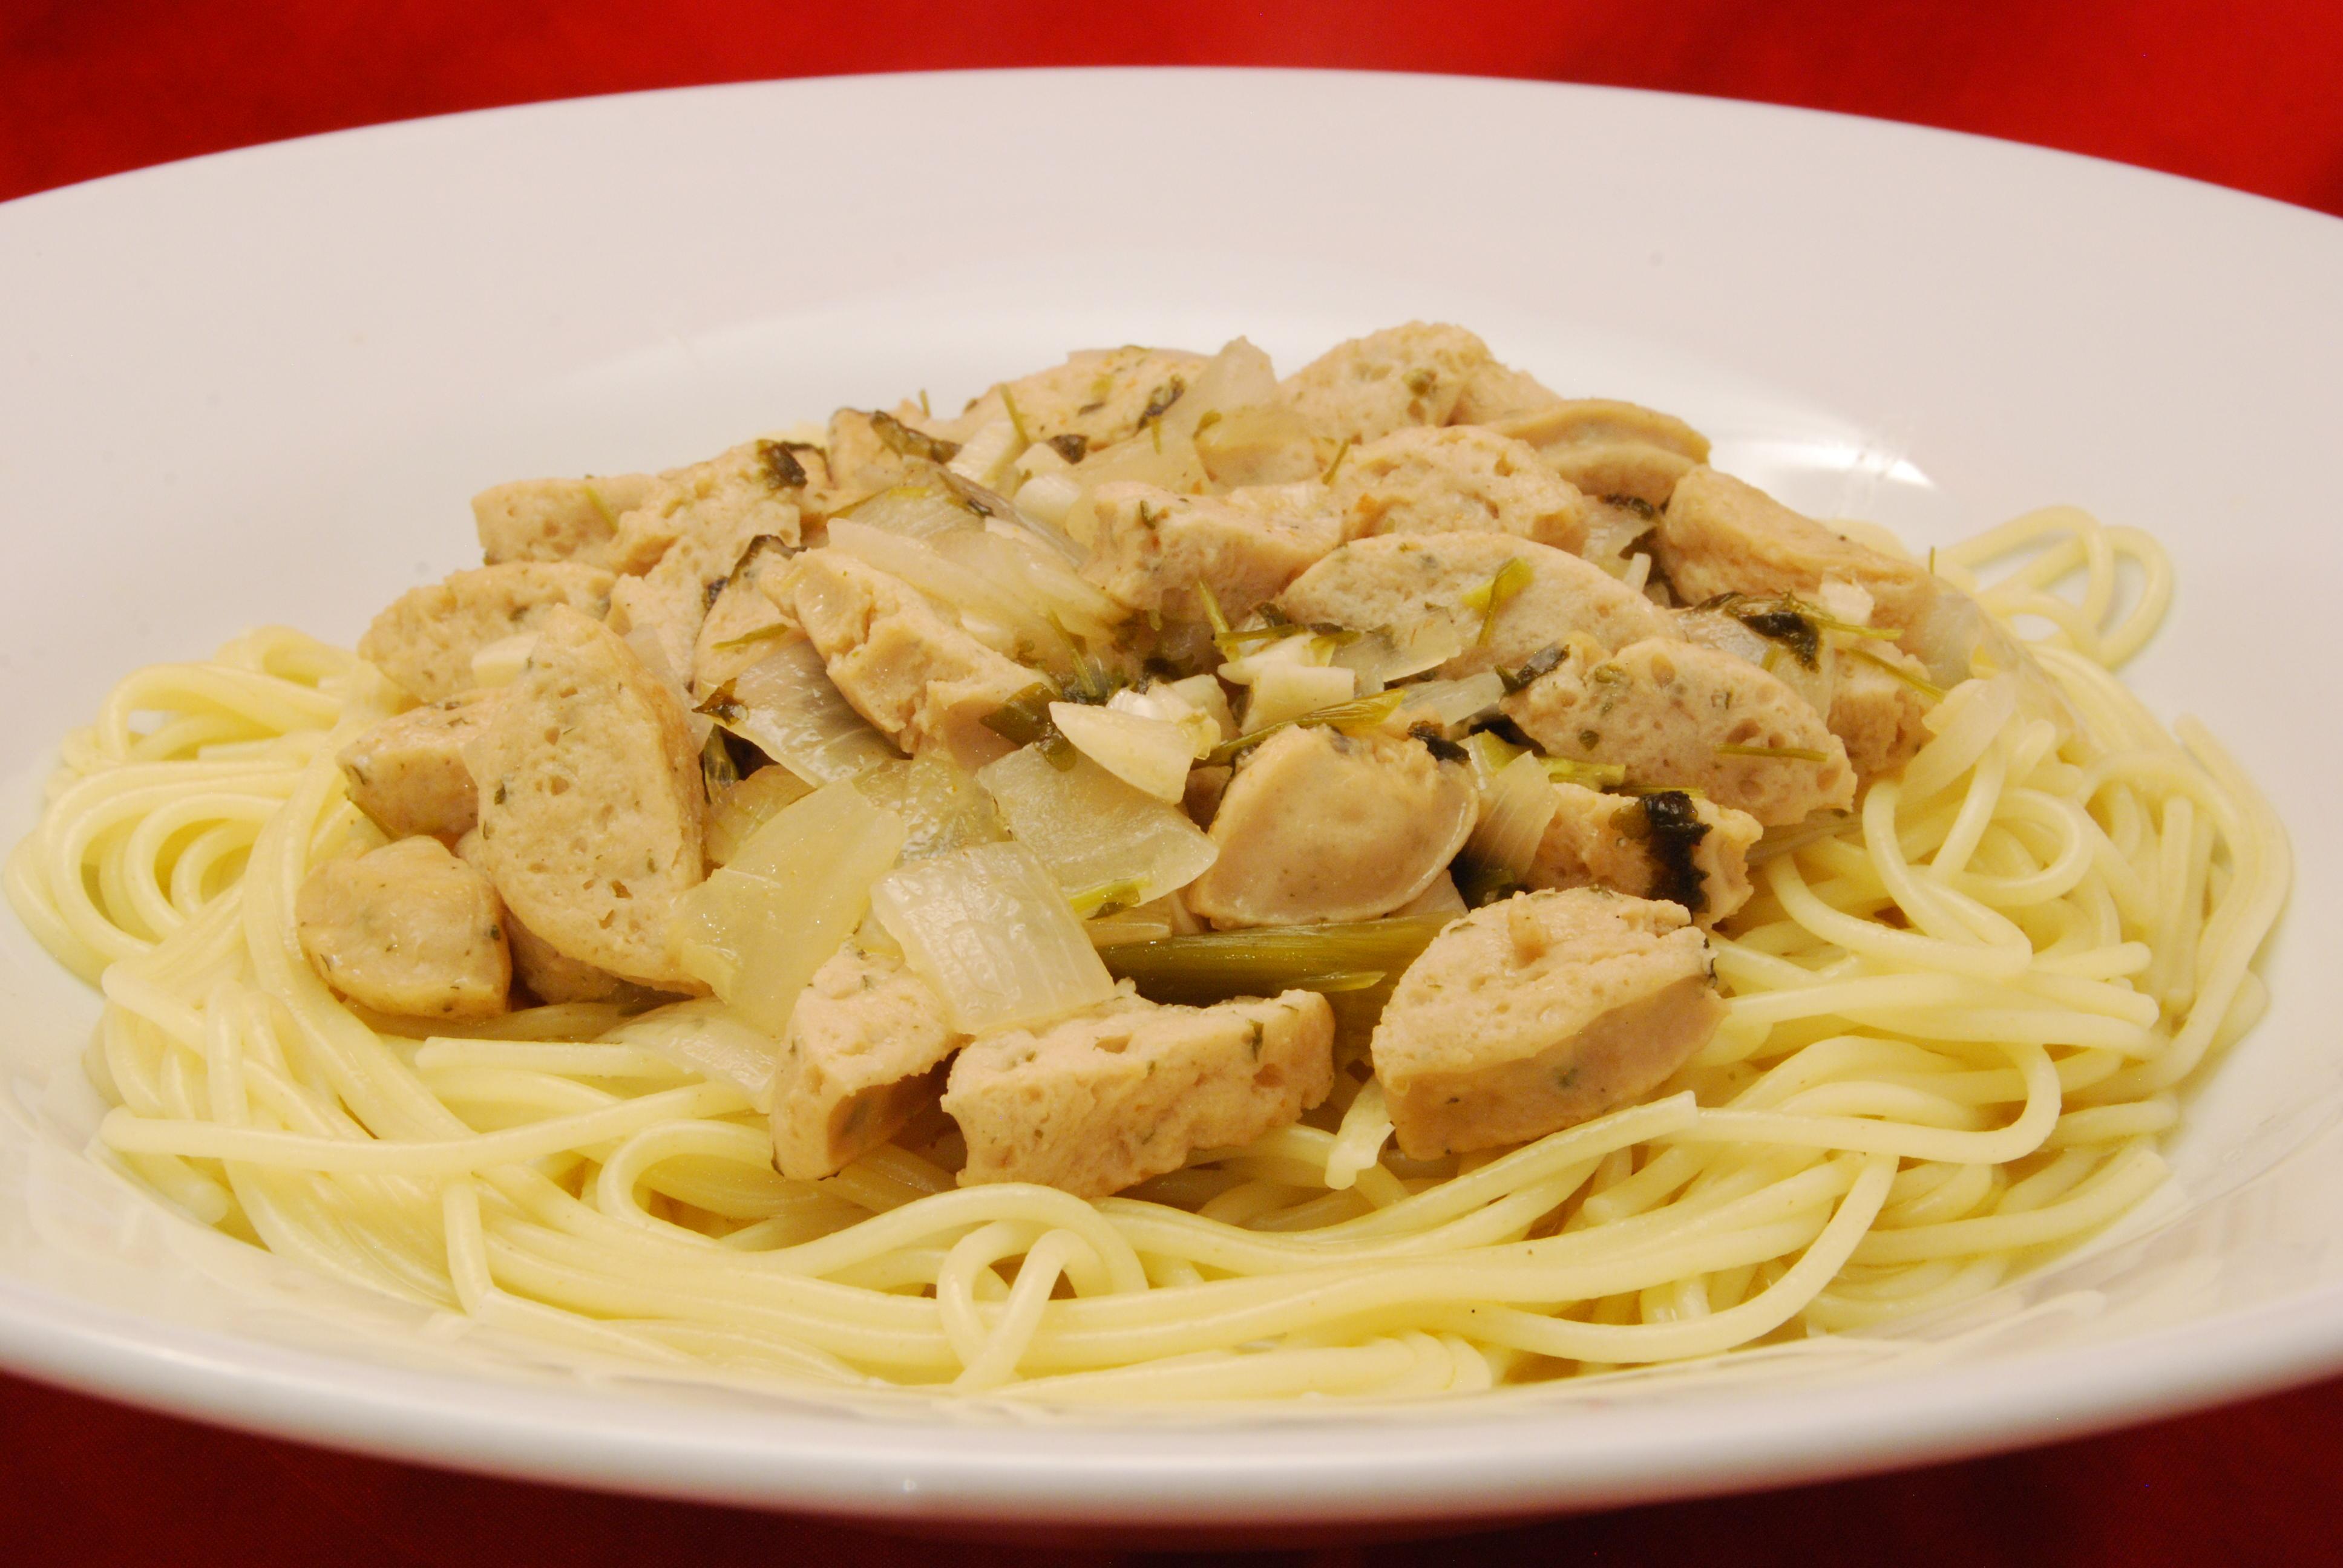 Weißwurst in Weißwein-Sauce mit Spaghetti